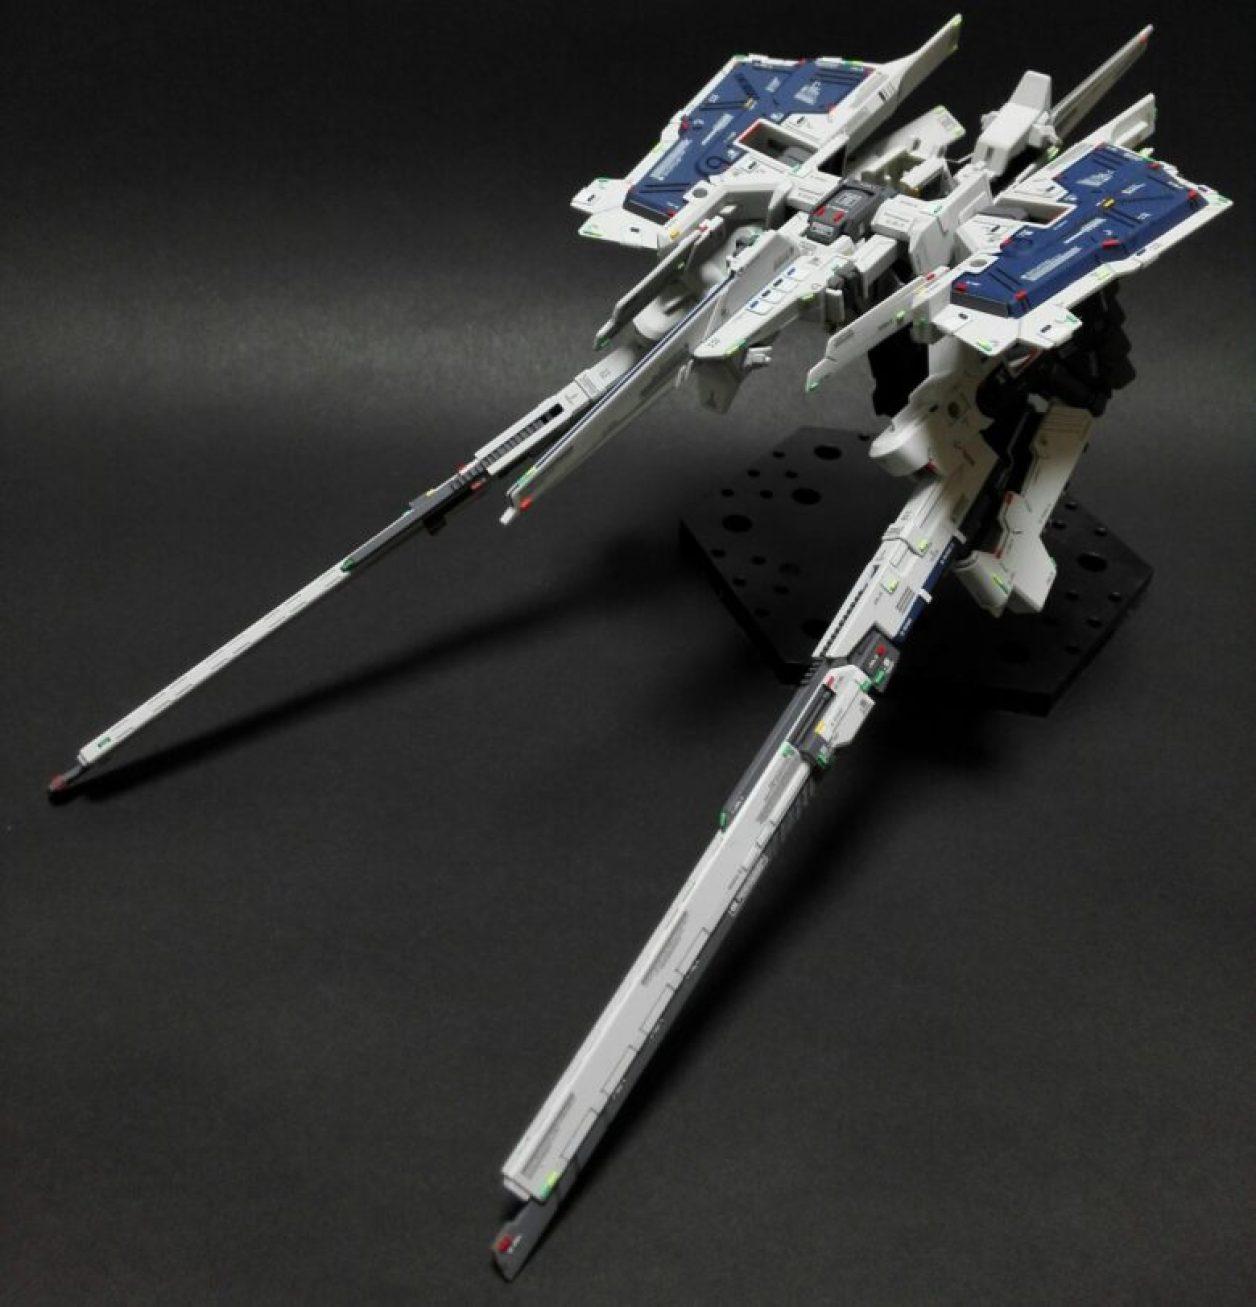 FG Gパーツ[フルドド]を2機合体させたフルドドのMA(モビルアーマー)形態にロング・ブレード・ライフルを装備させた形態の画像